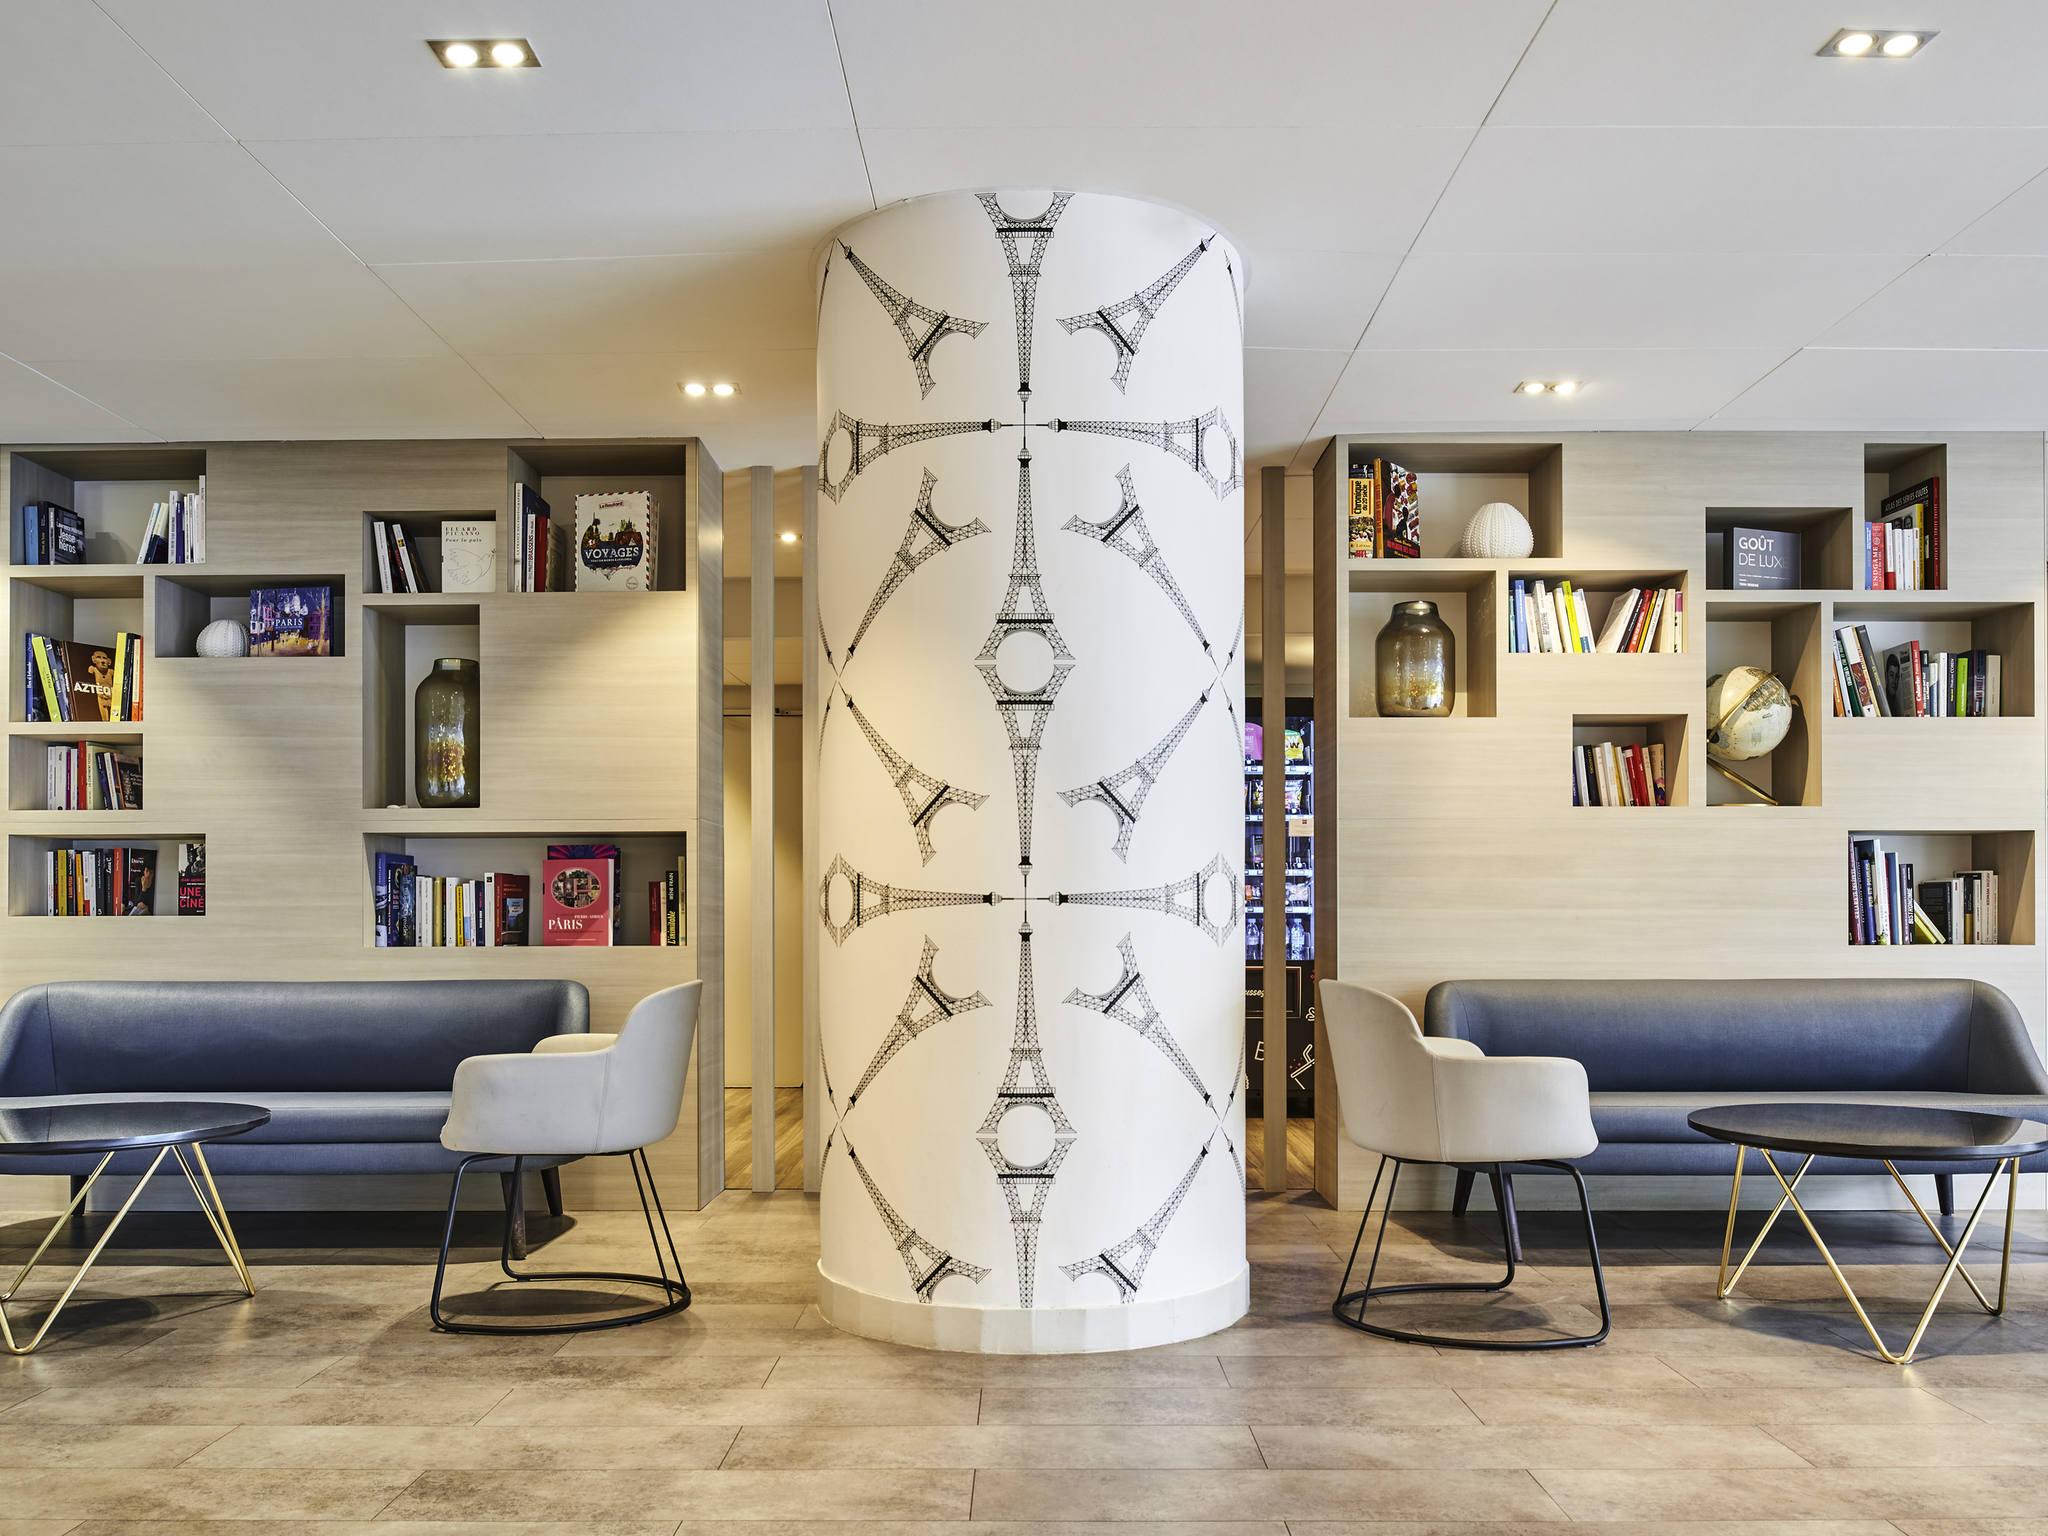 hotel in ibis porte de montreuil